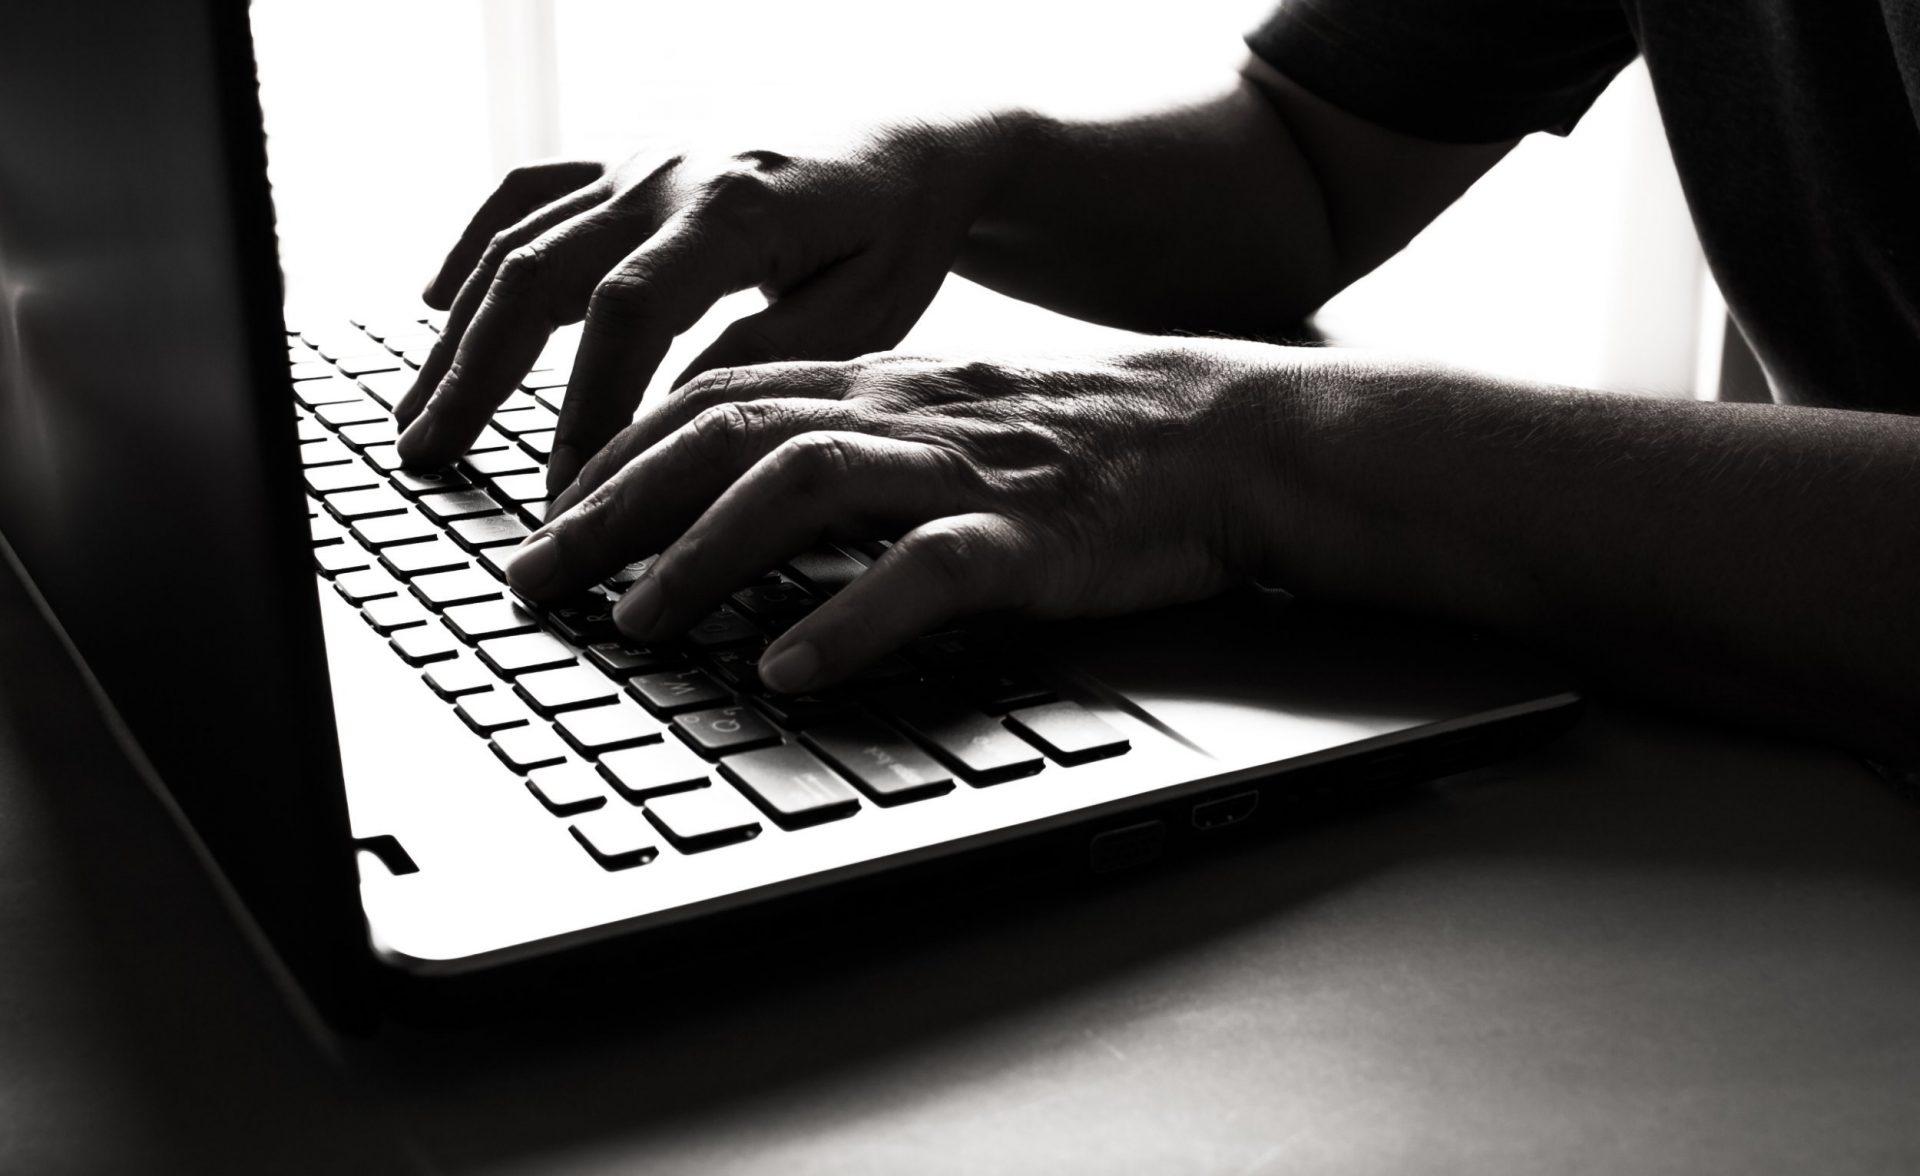 Institutul Elie Wiesel: Pandemia a intensificat anti-semitismul din mediul online